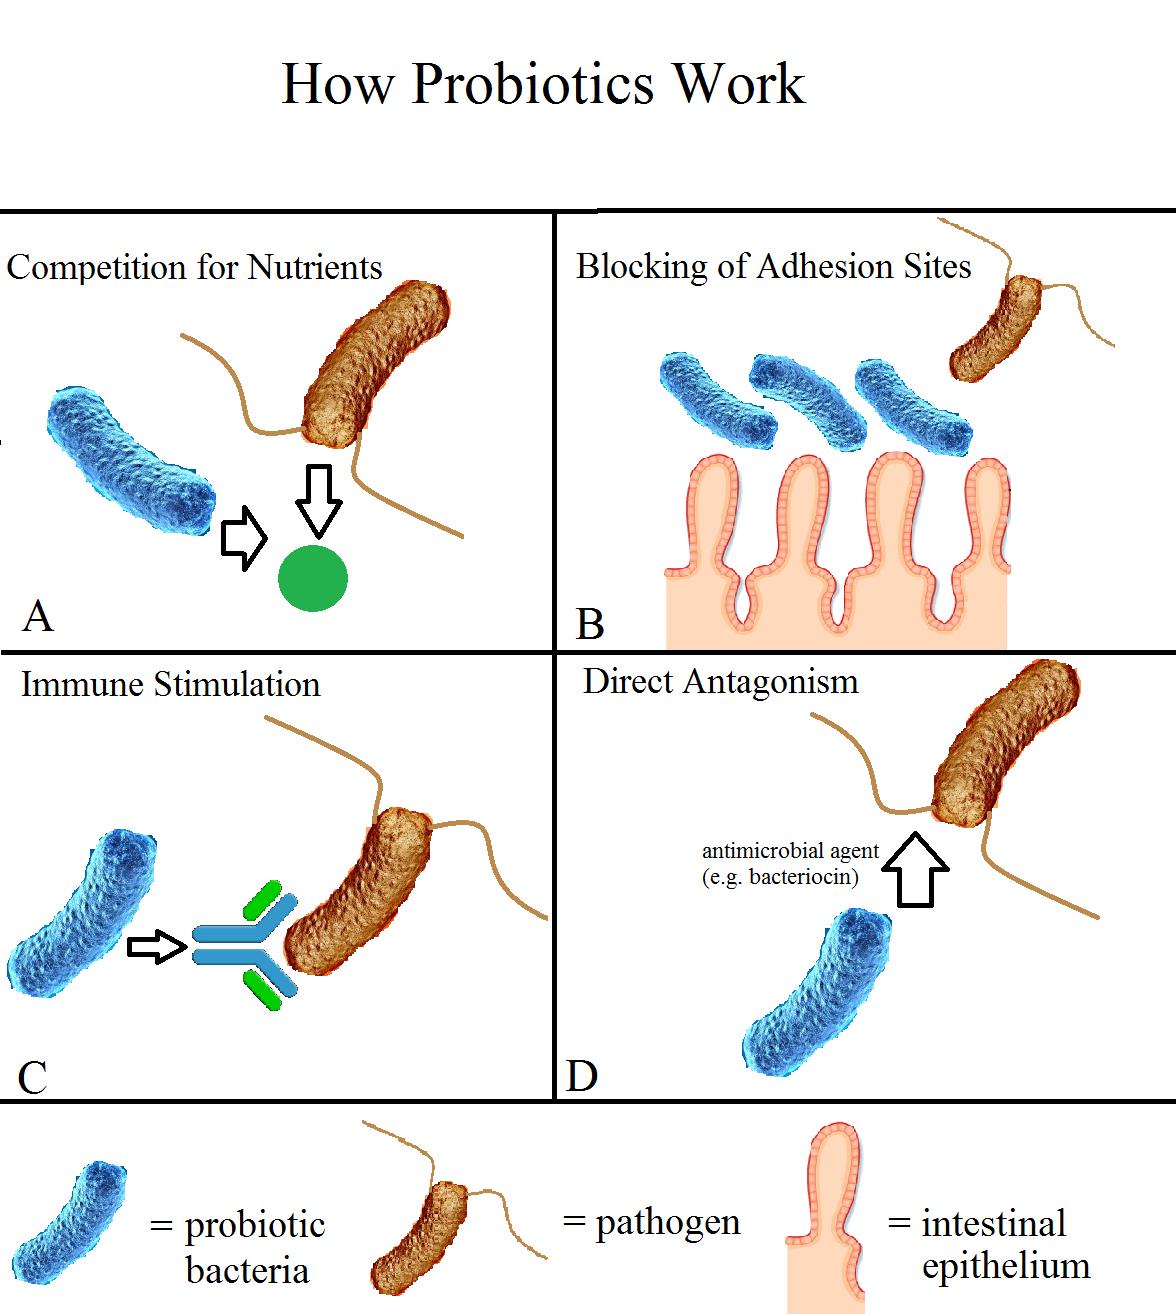 How Probiotics Work